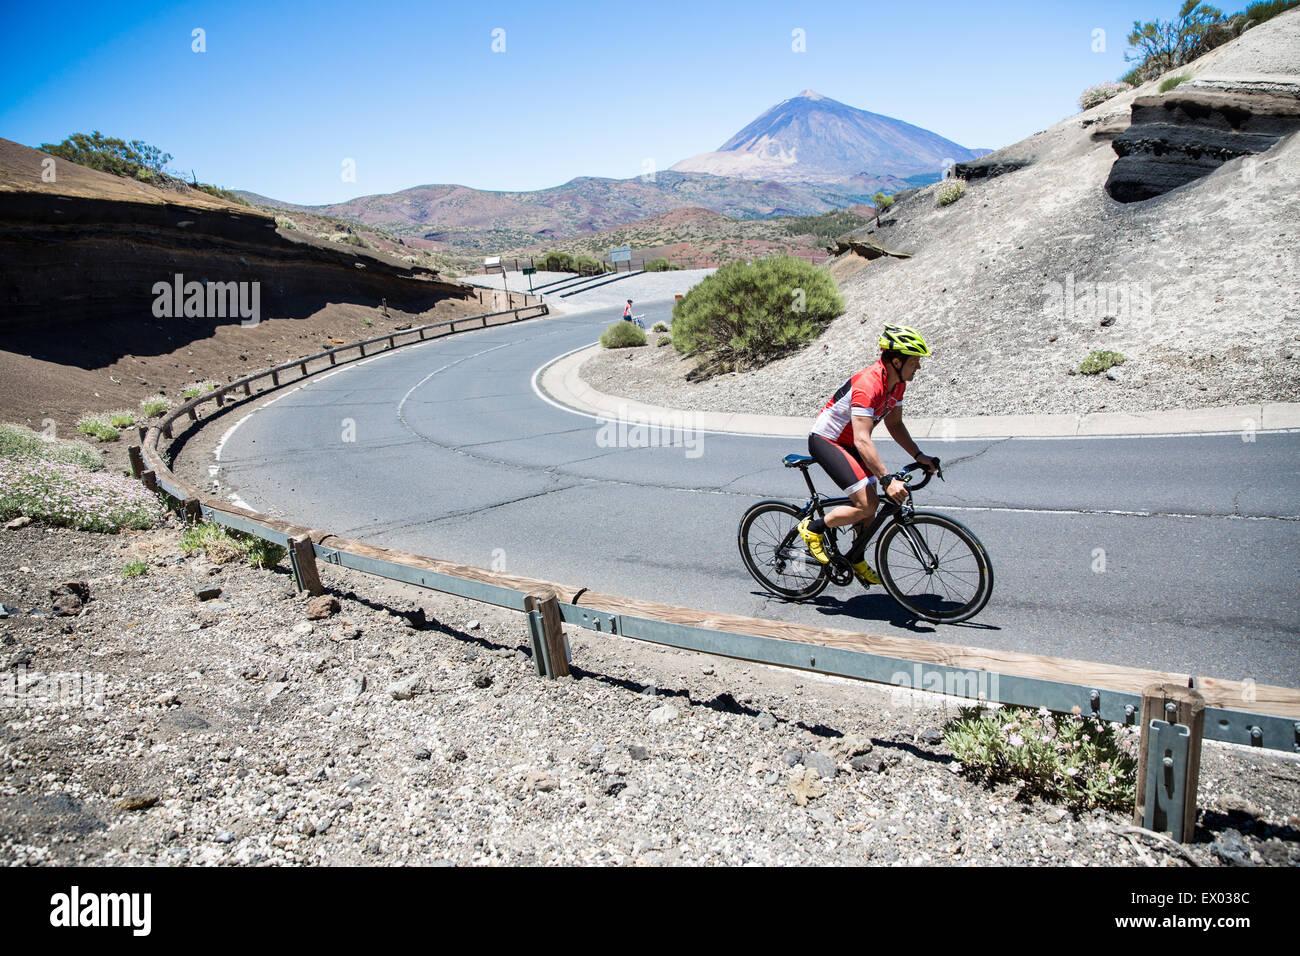 Männliche Radfahrer fahren kurvenreiche Straße, Teneriffa, Kanarische Inseln, Spanien Stockfoto